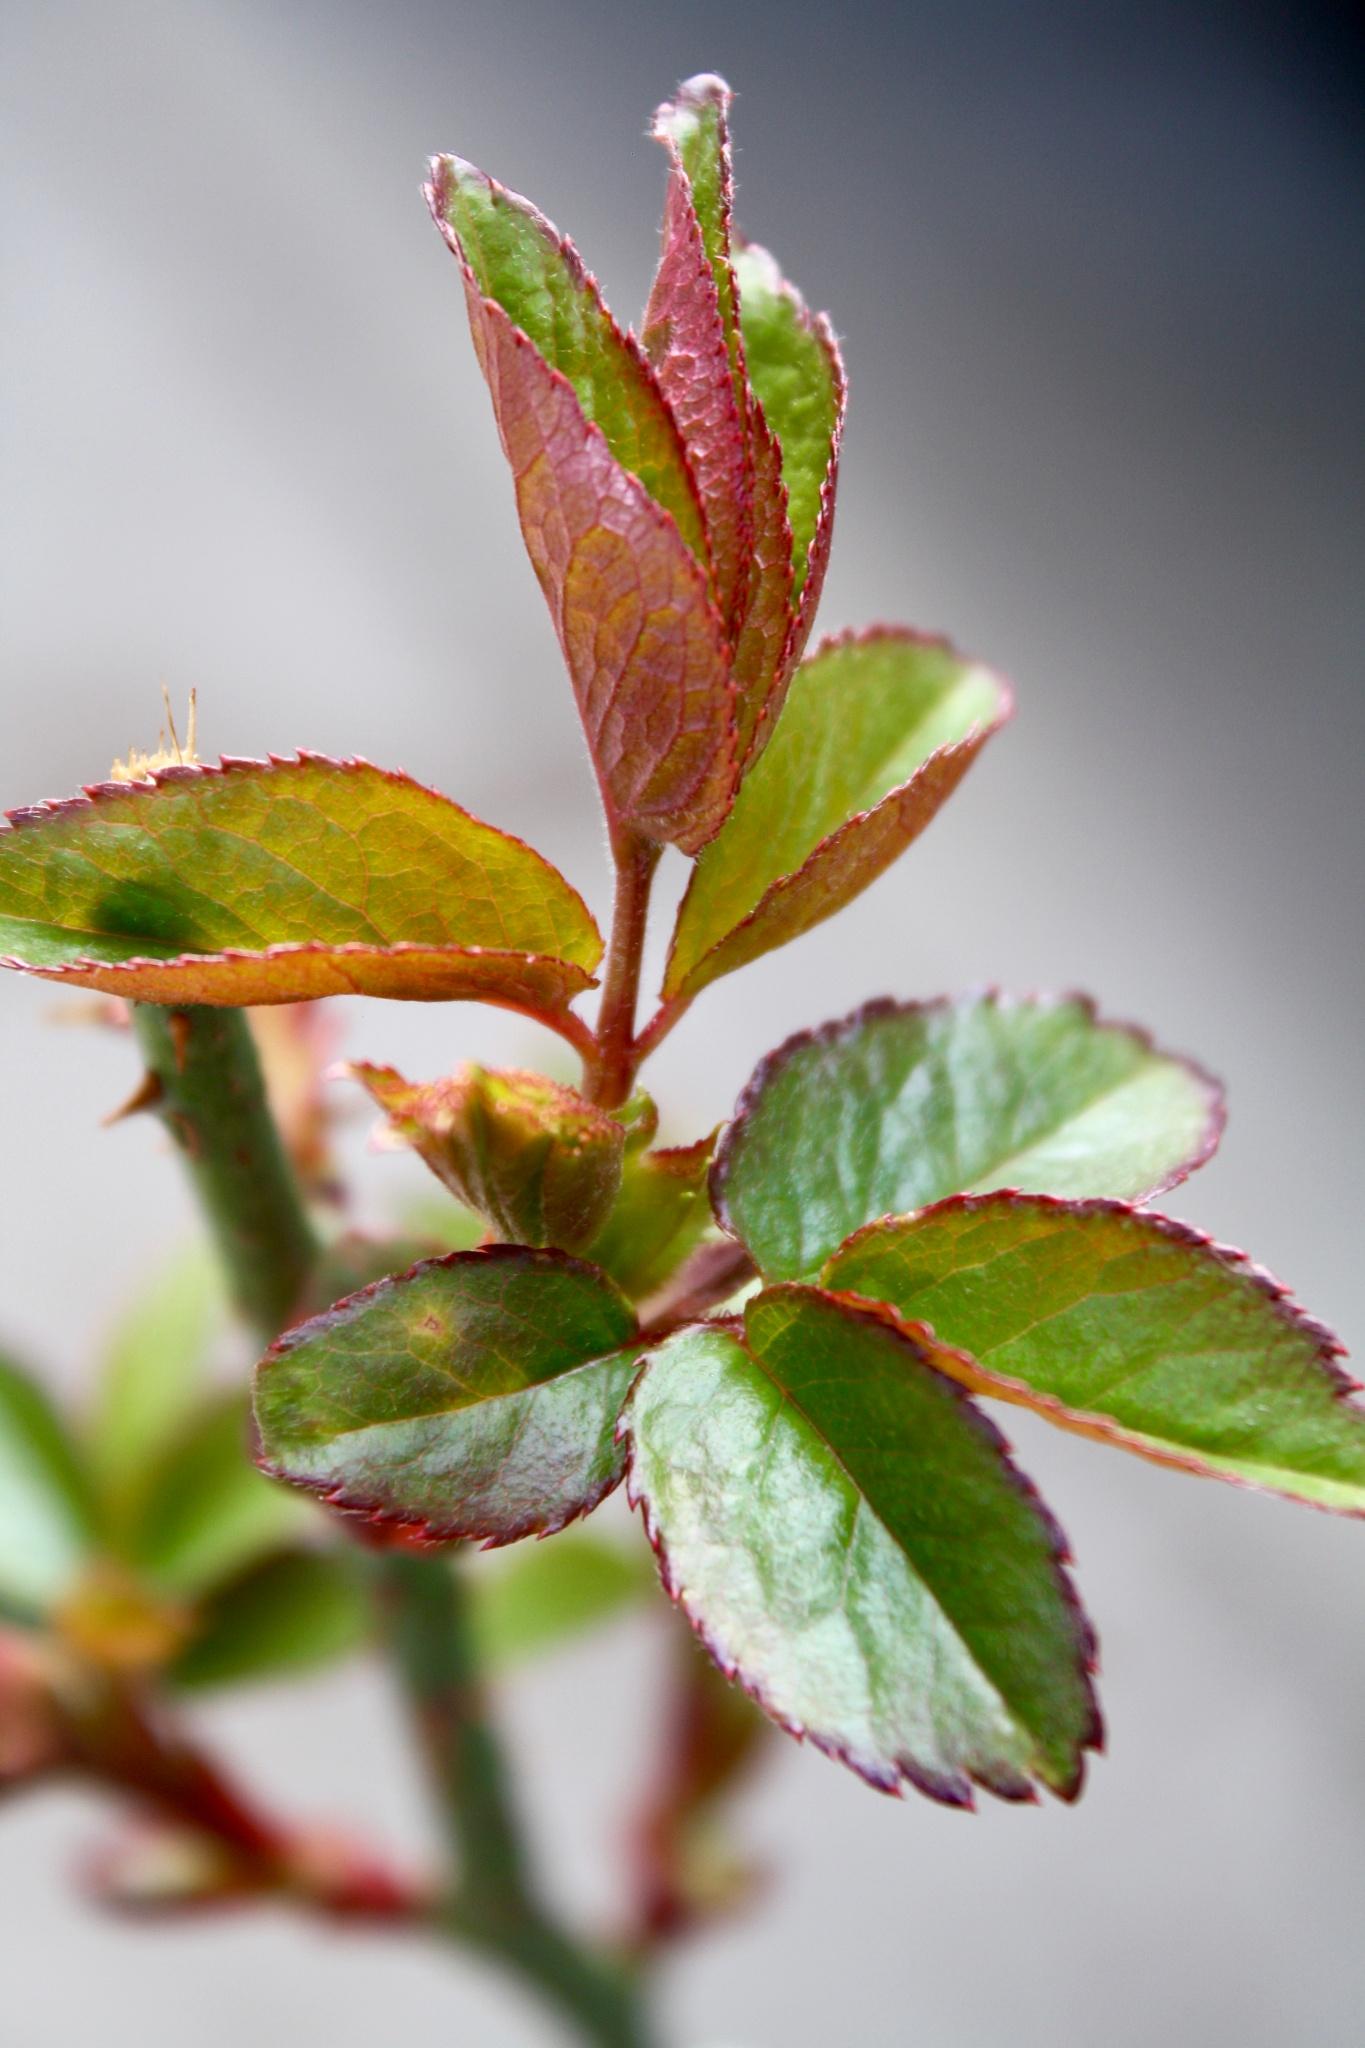 Rose leaves by slaac